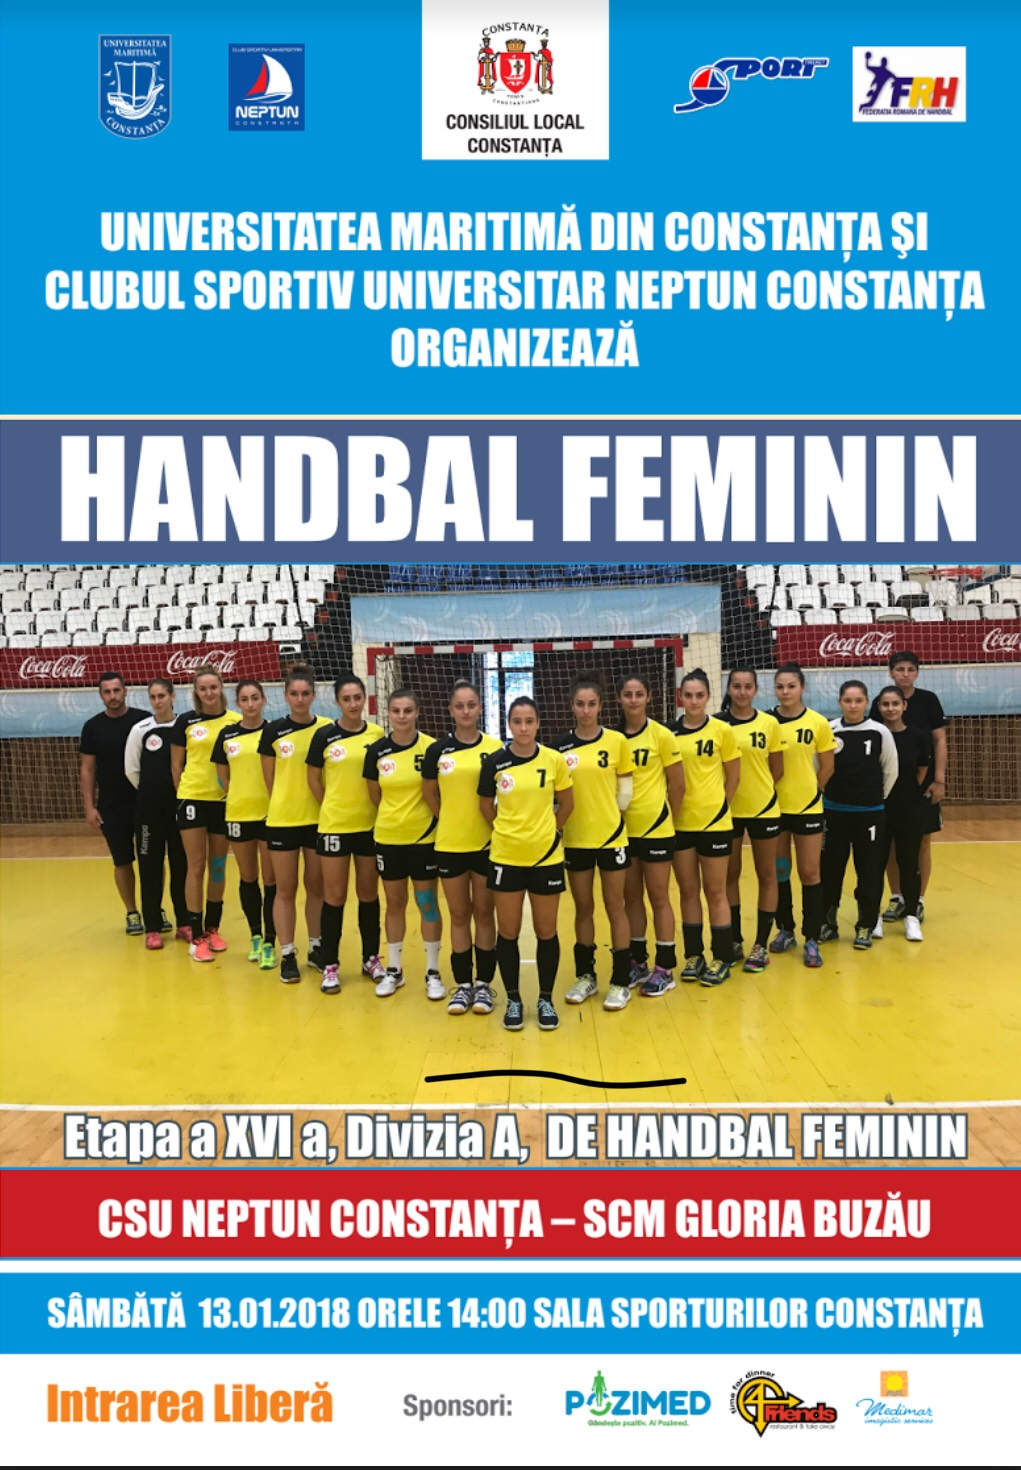 halndbal feminin 09.01.2018